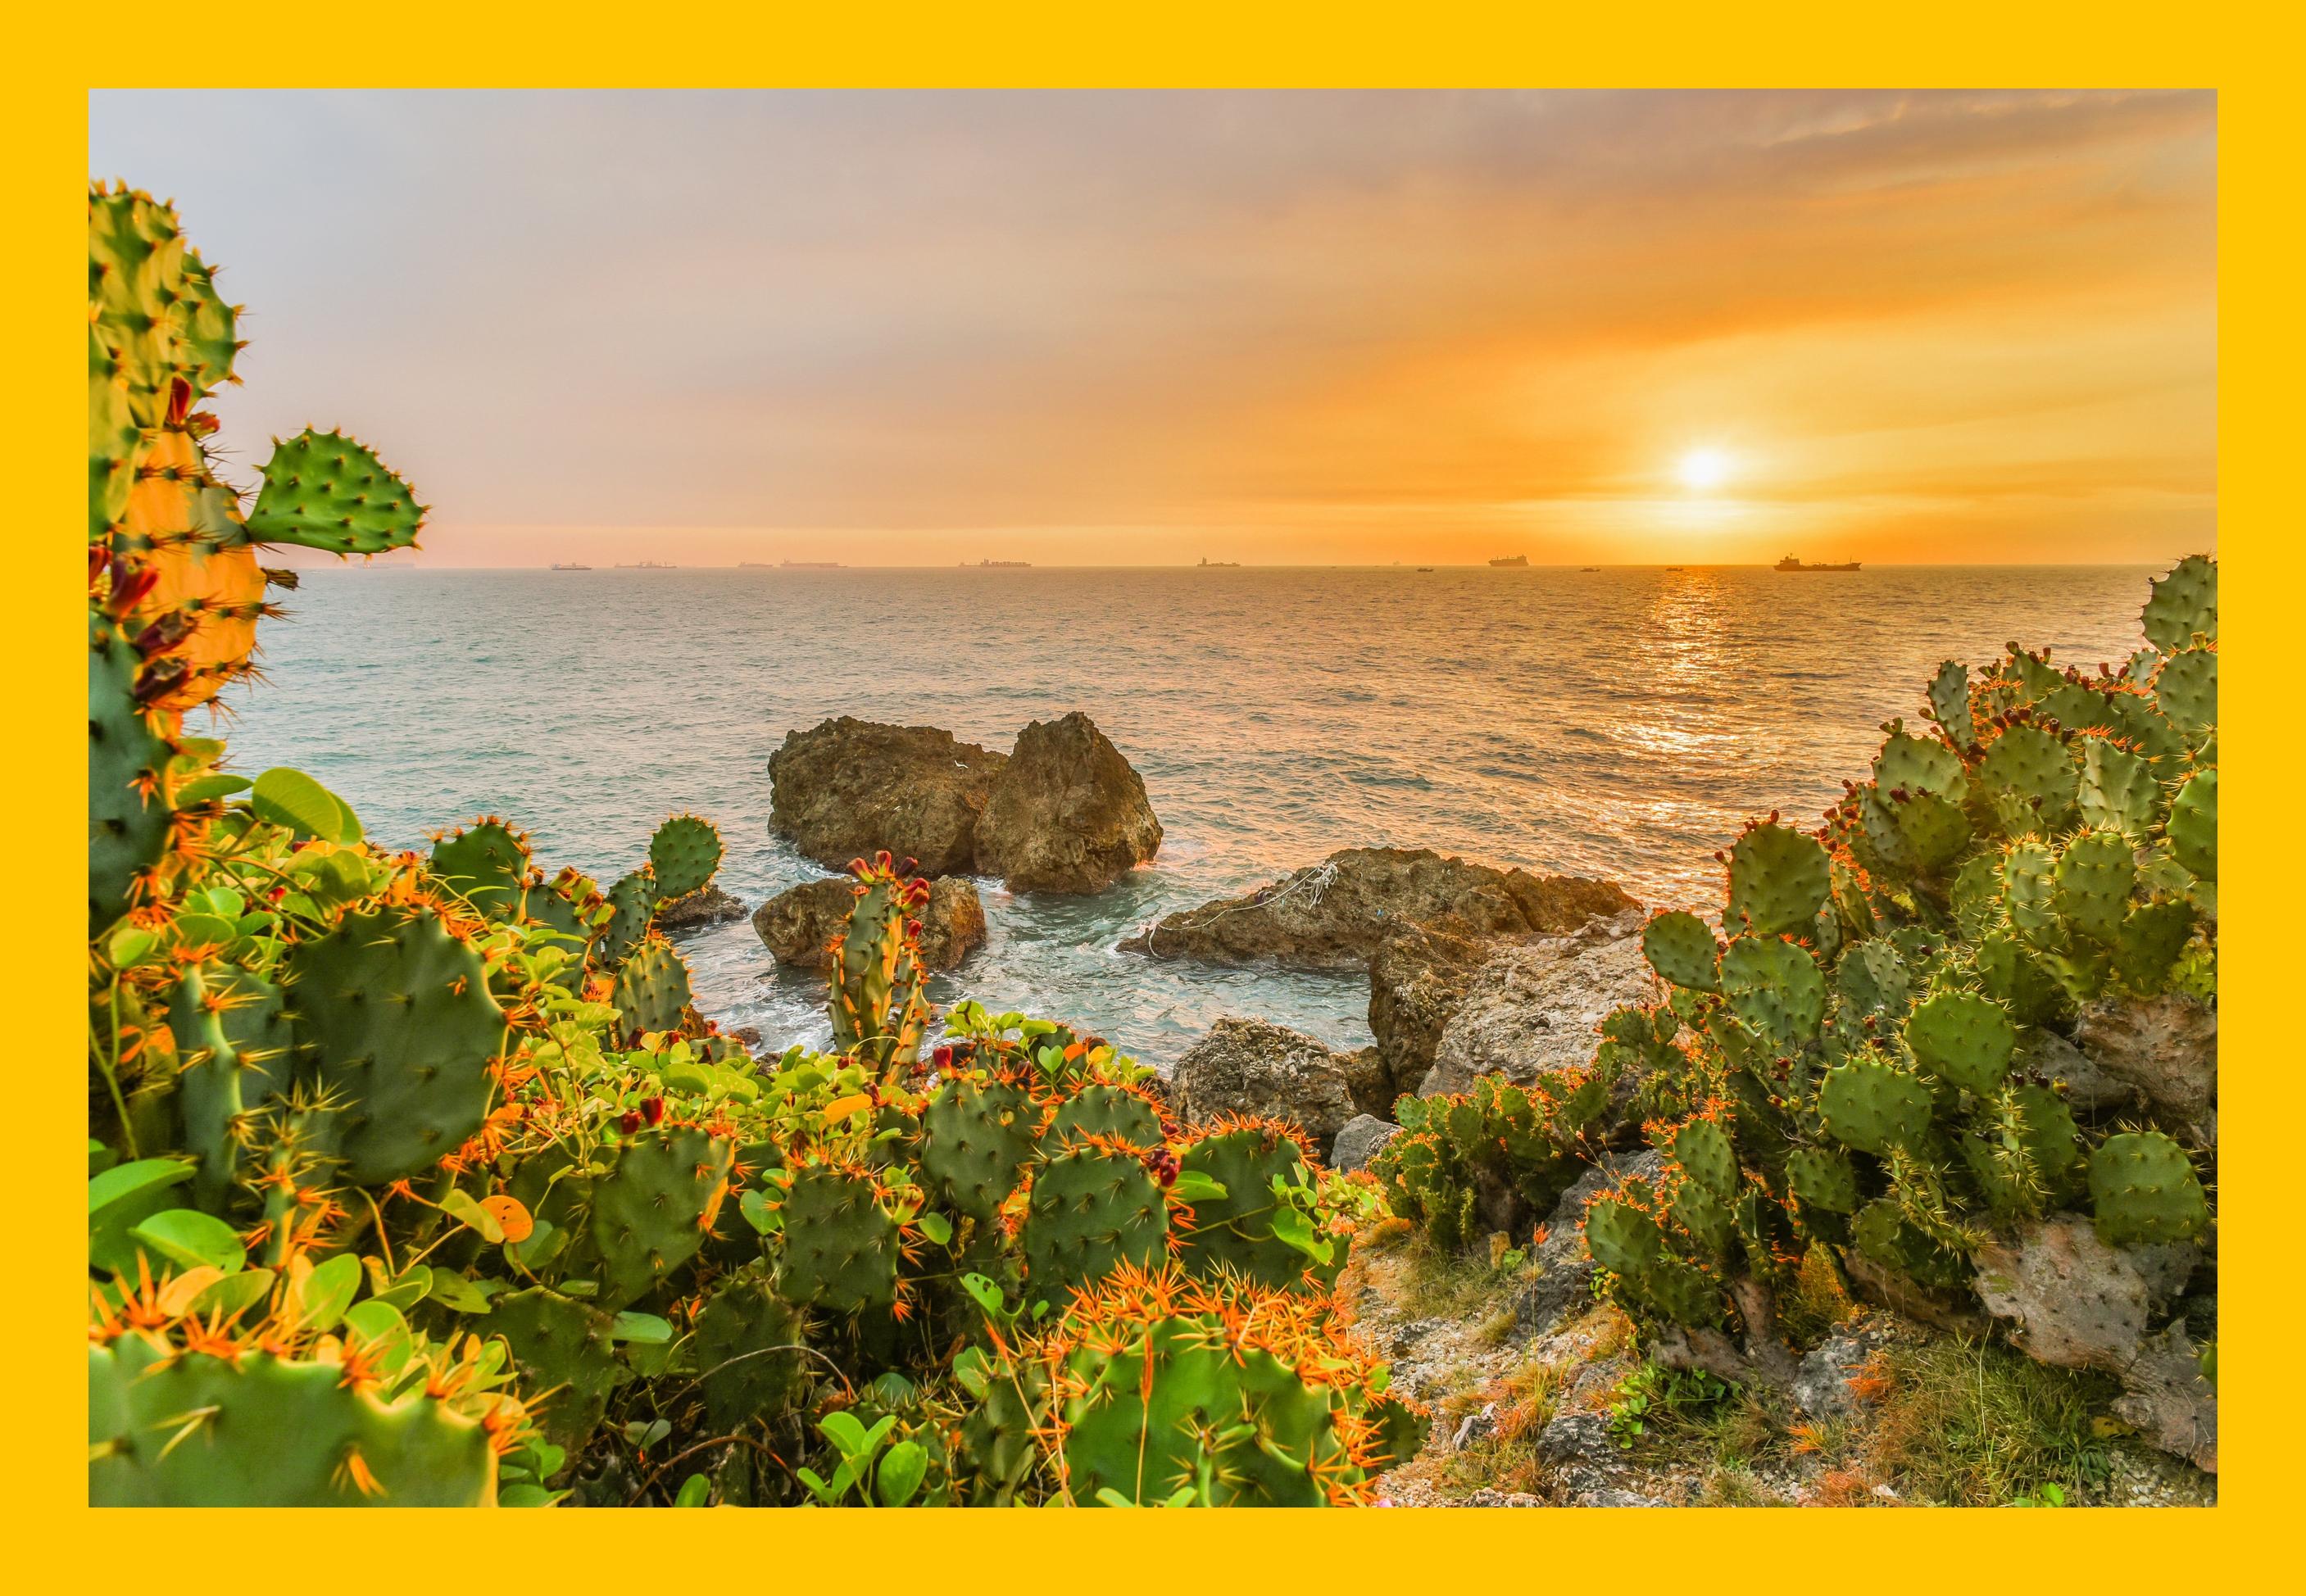 西子灣的夕陽也不能錯過(圖片提供/可樂旅遊)